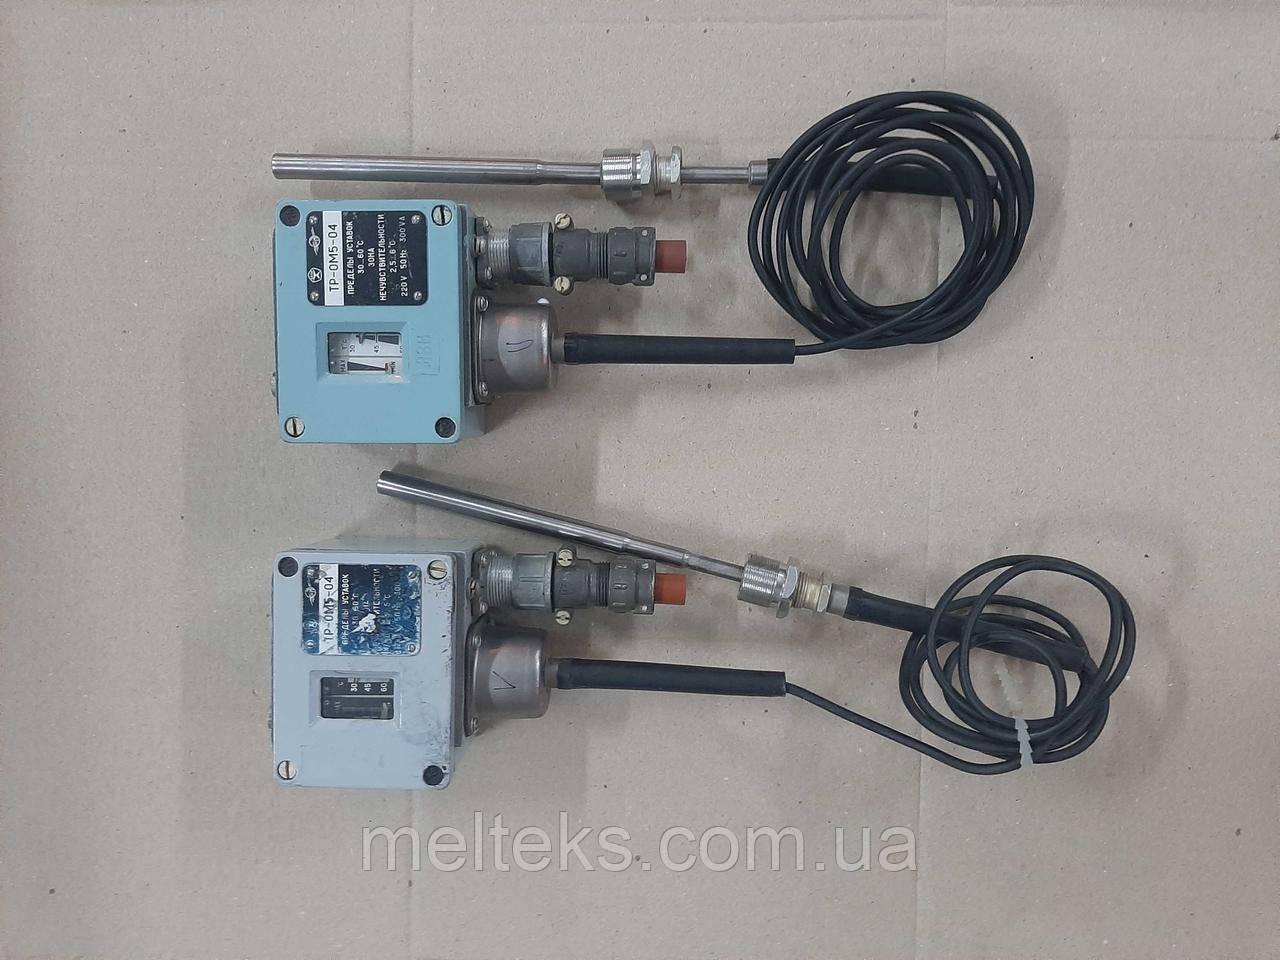 Реле температури ТР-0М5-04 для дизелів, компресорів